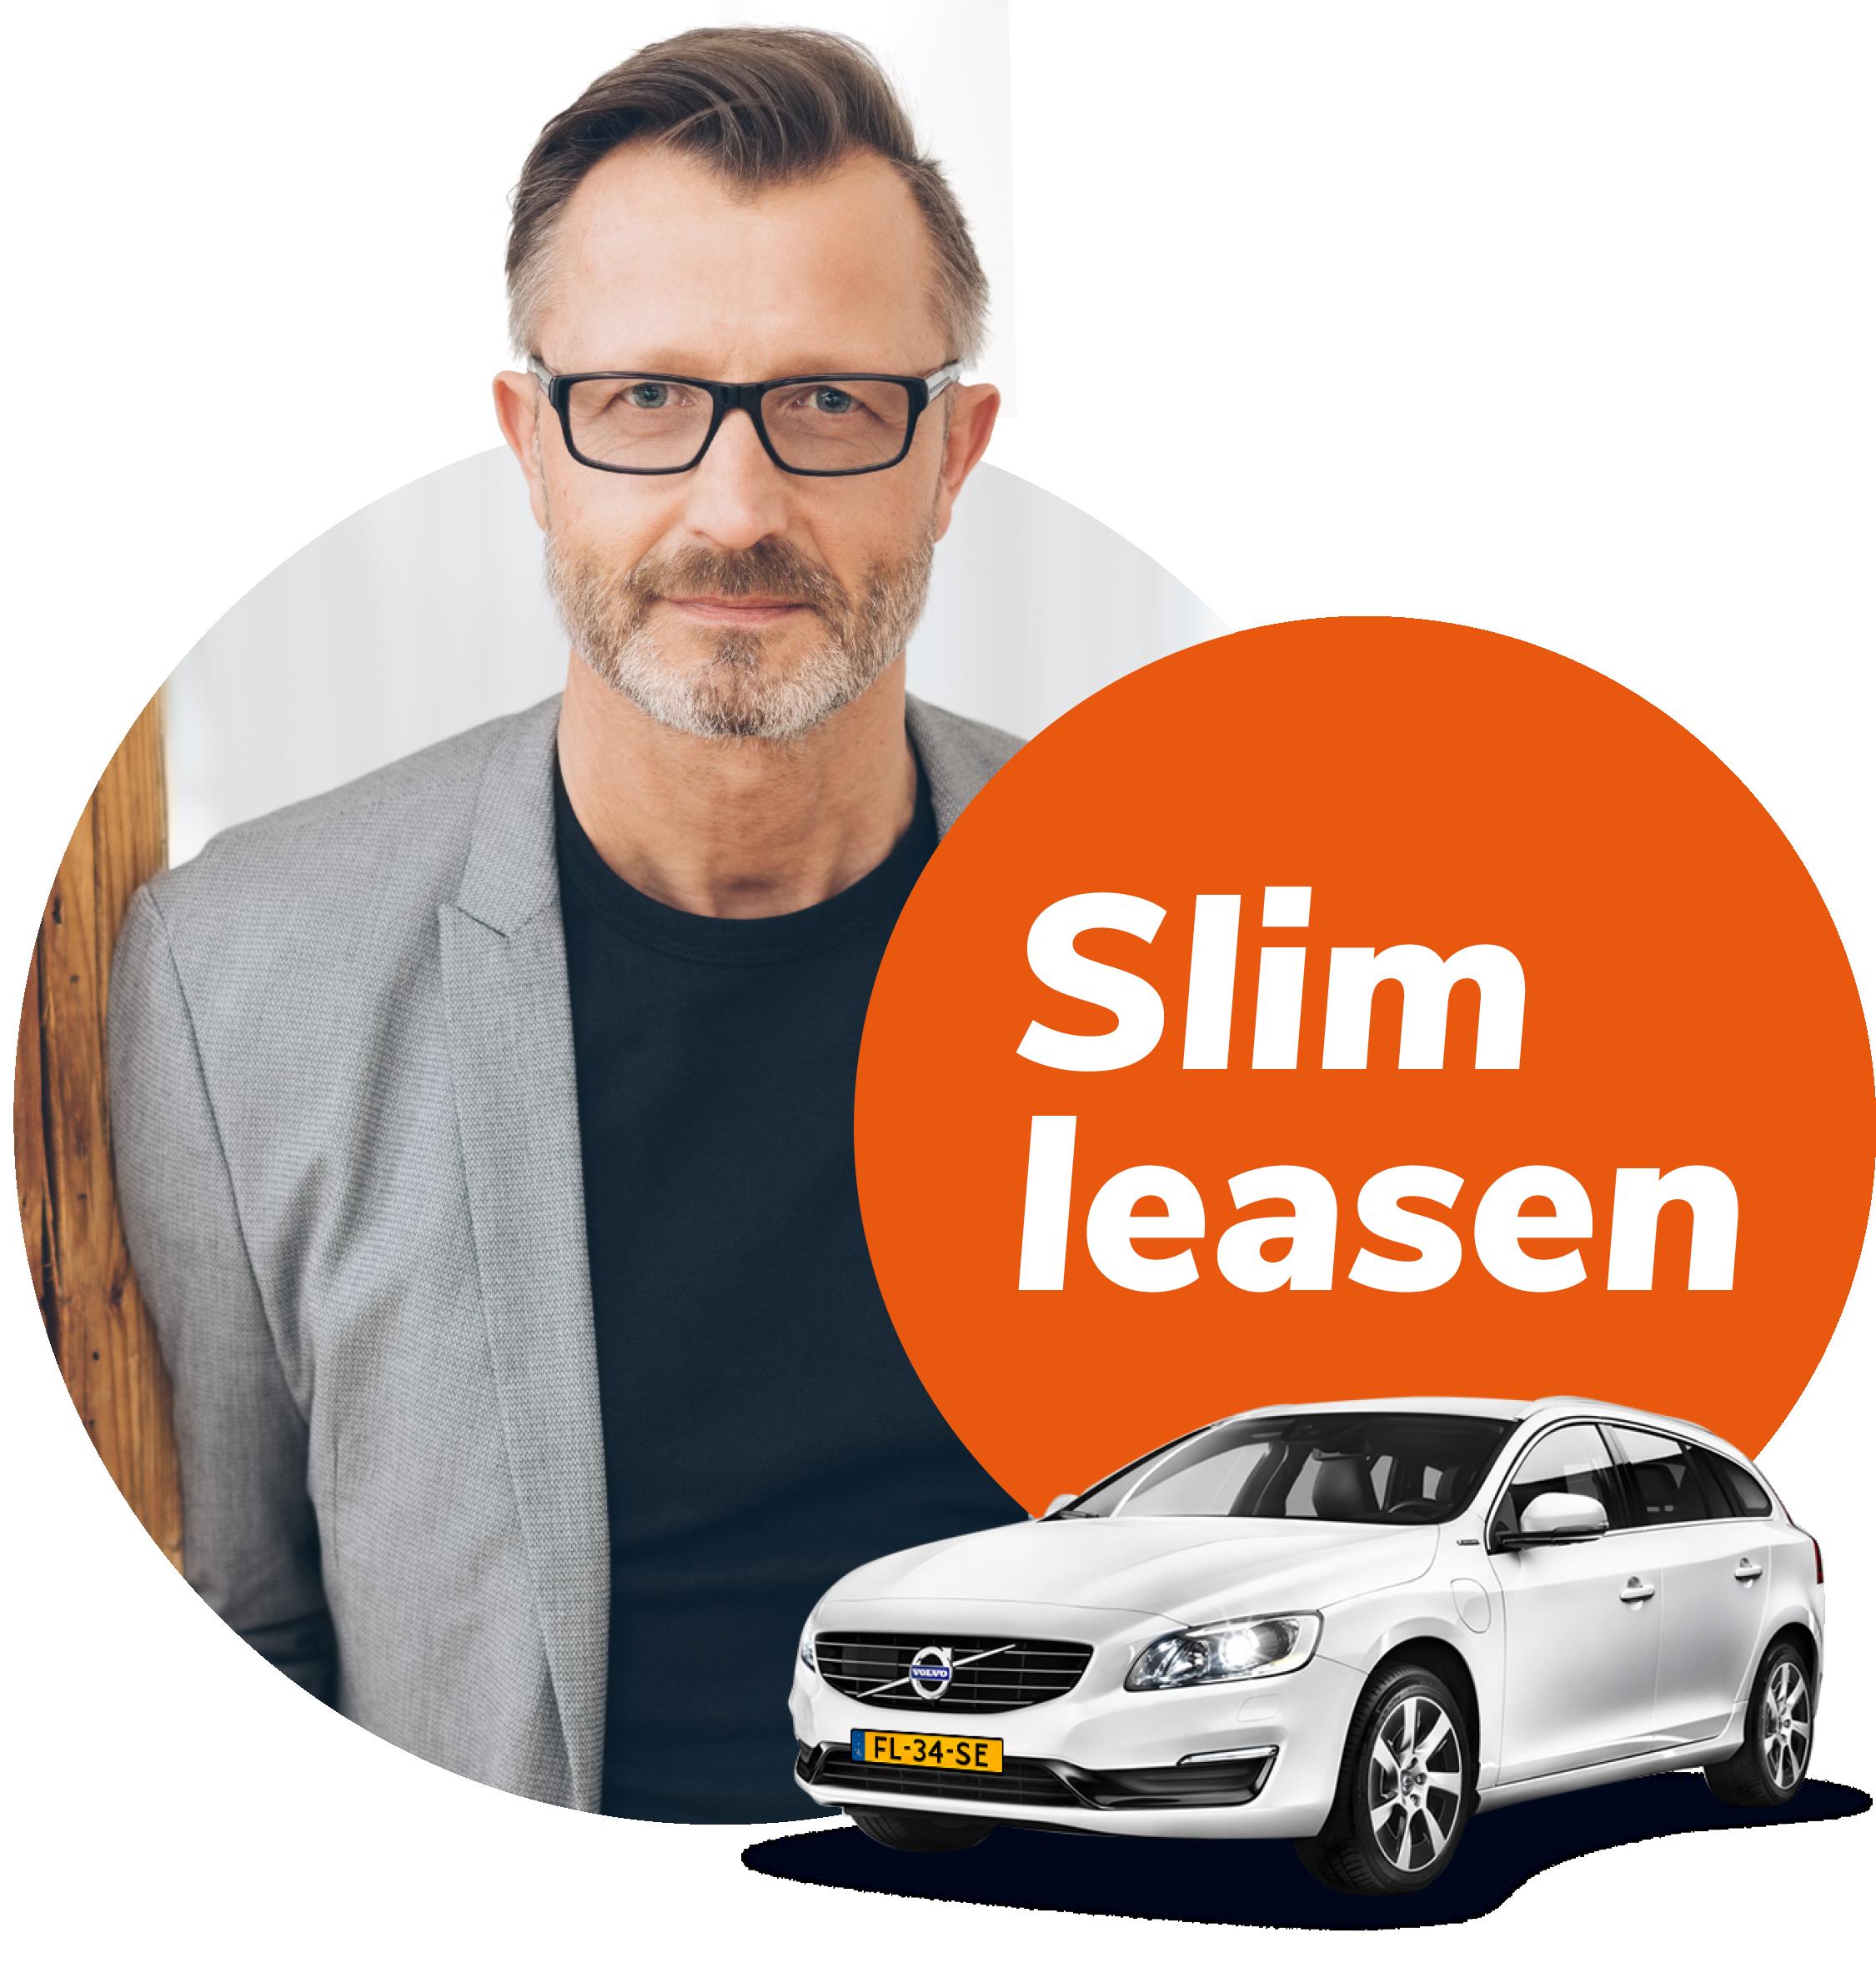 Slimleasen.nl volvo v40 - Slimleasen.nl